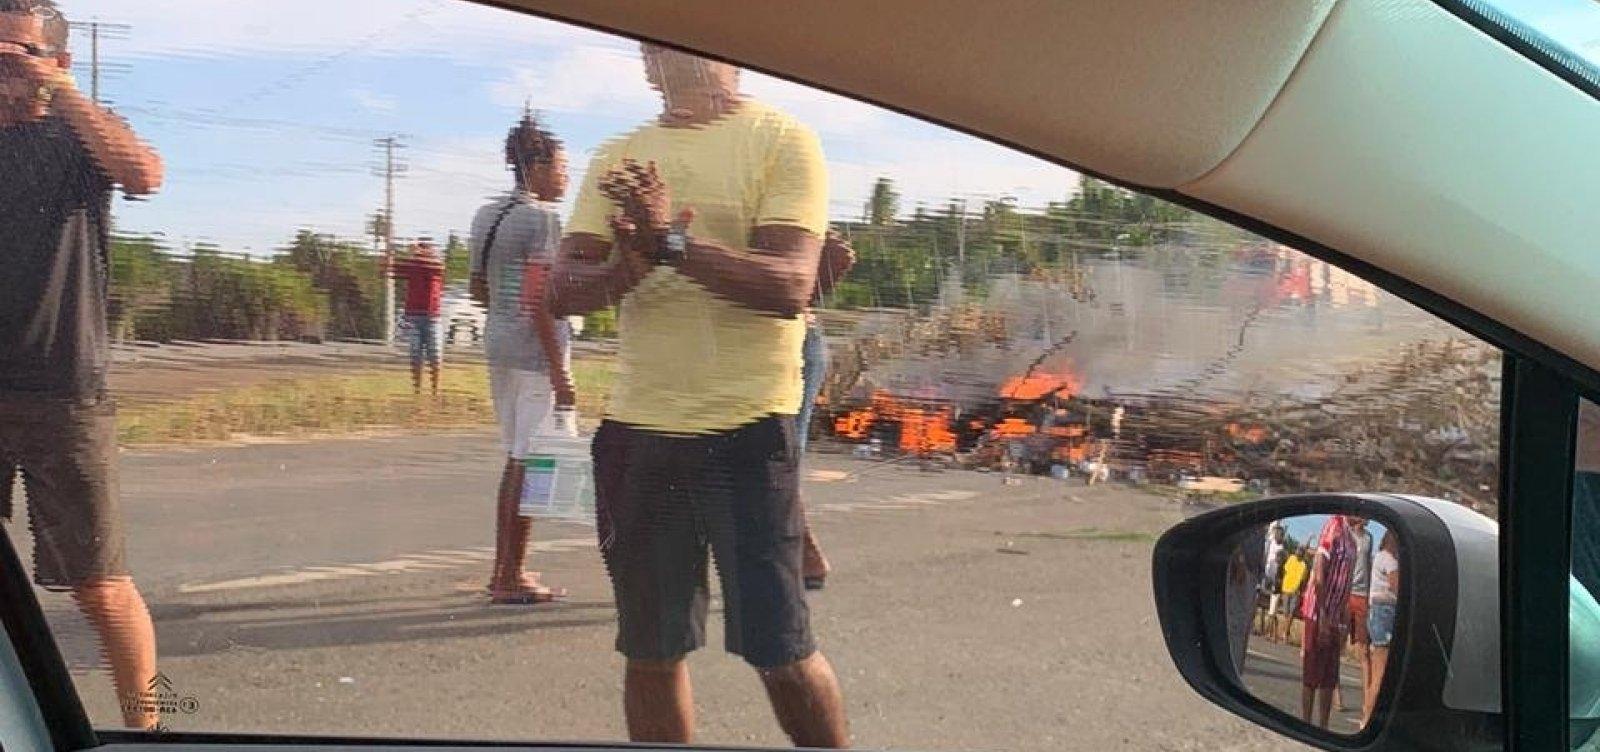 Protesto contra preço do pedágio congestiona Estrada do Coco